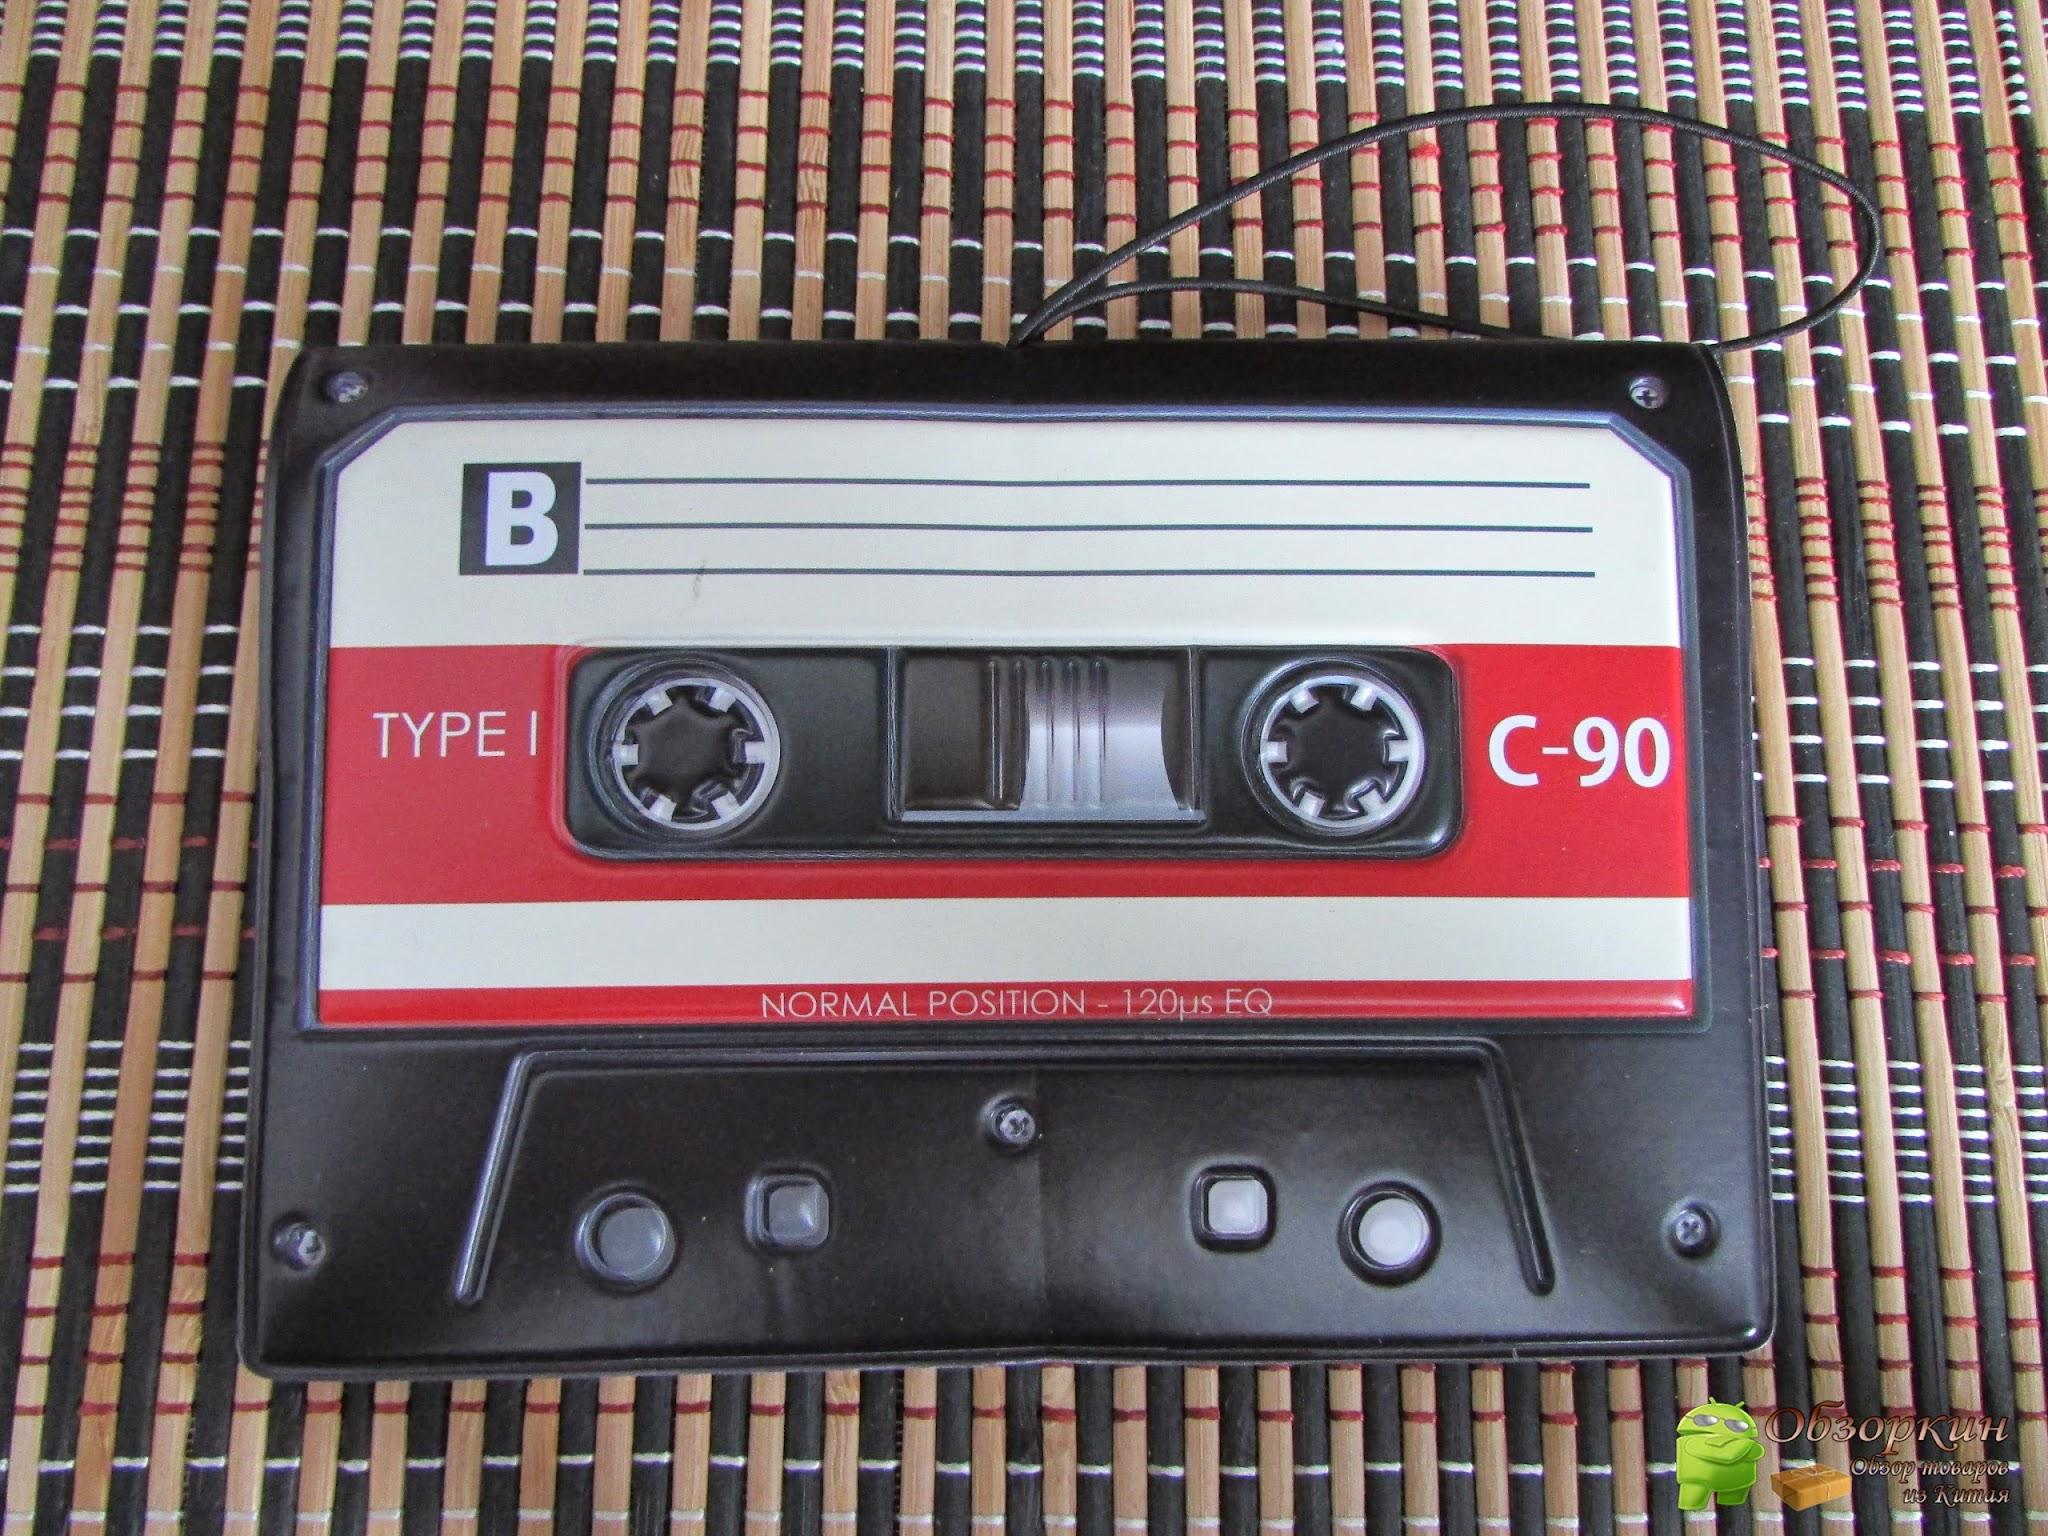 чехол на паспорт в виде кассеты